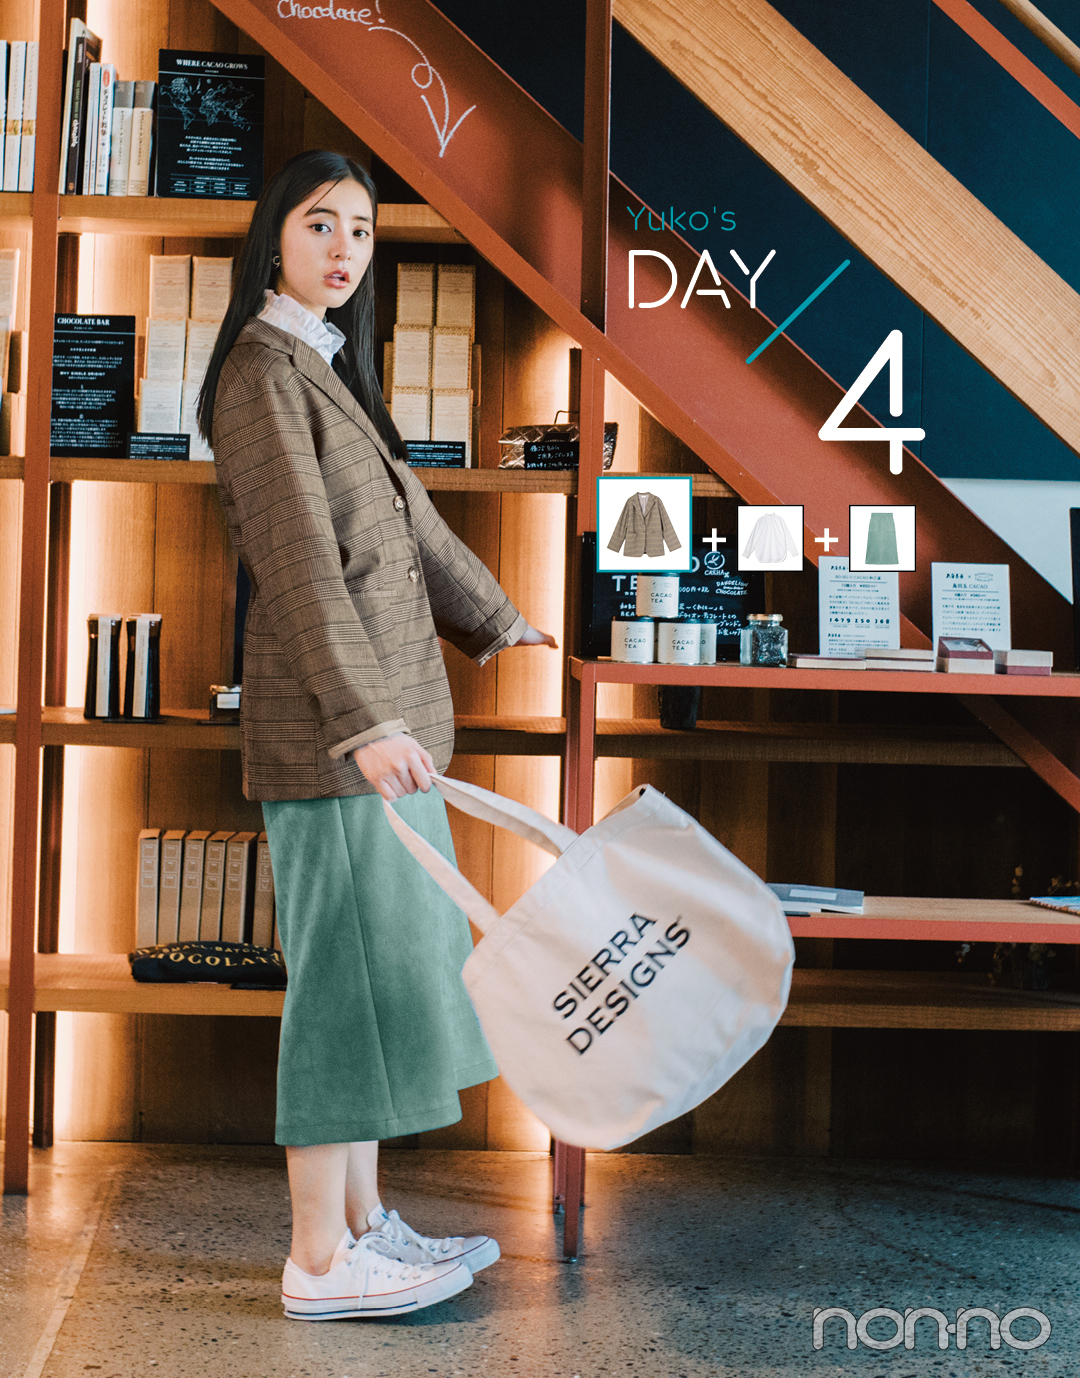 Yuko's DAY4